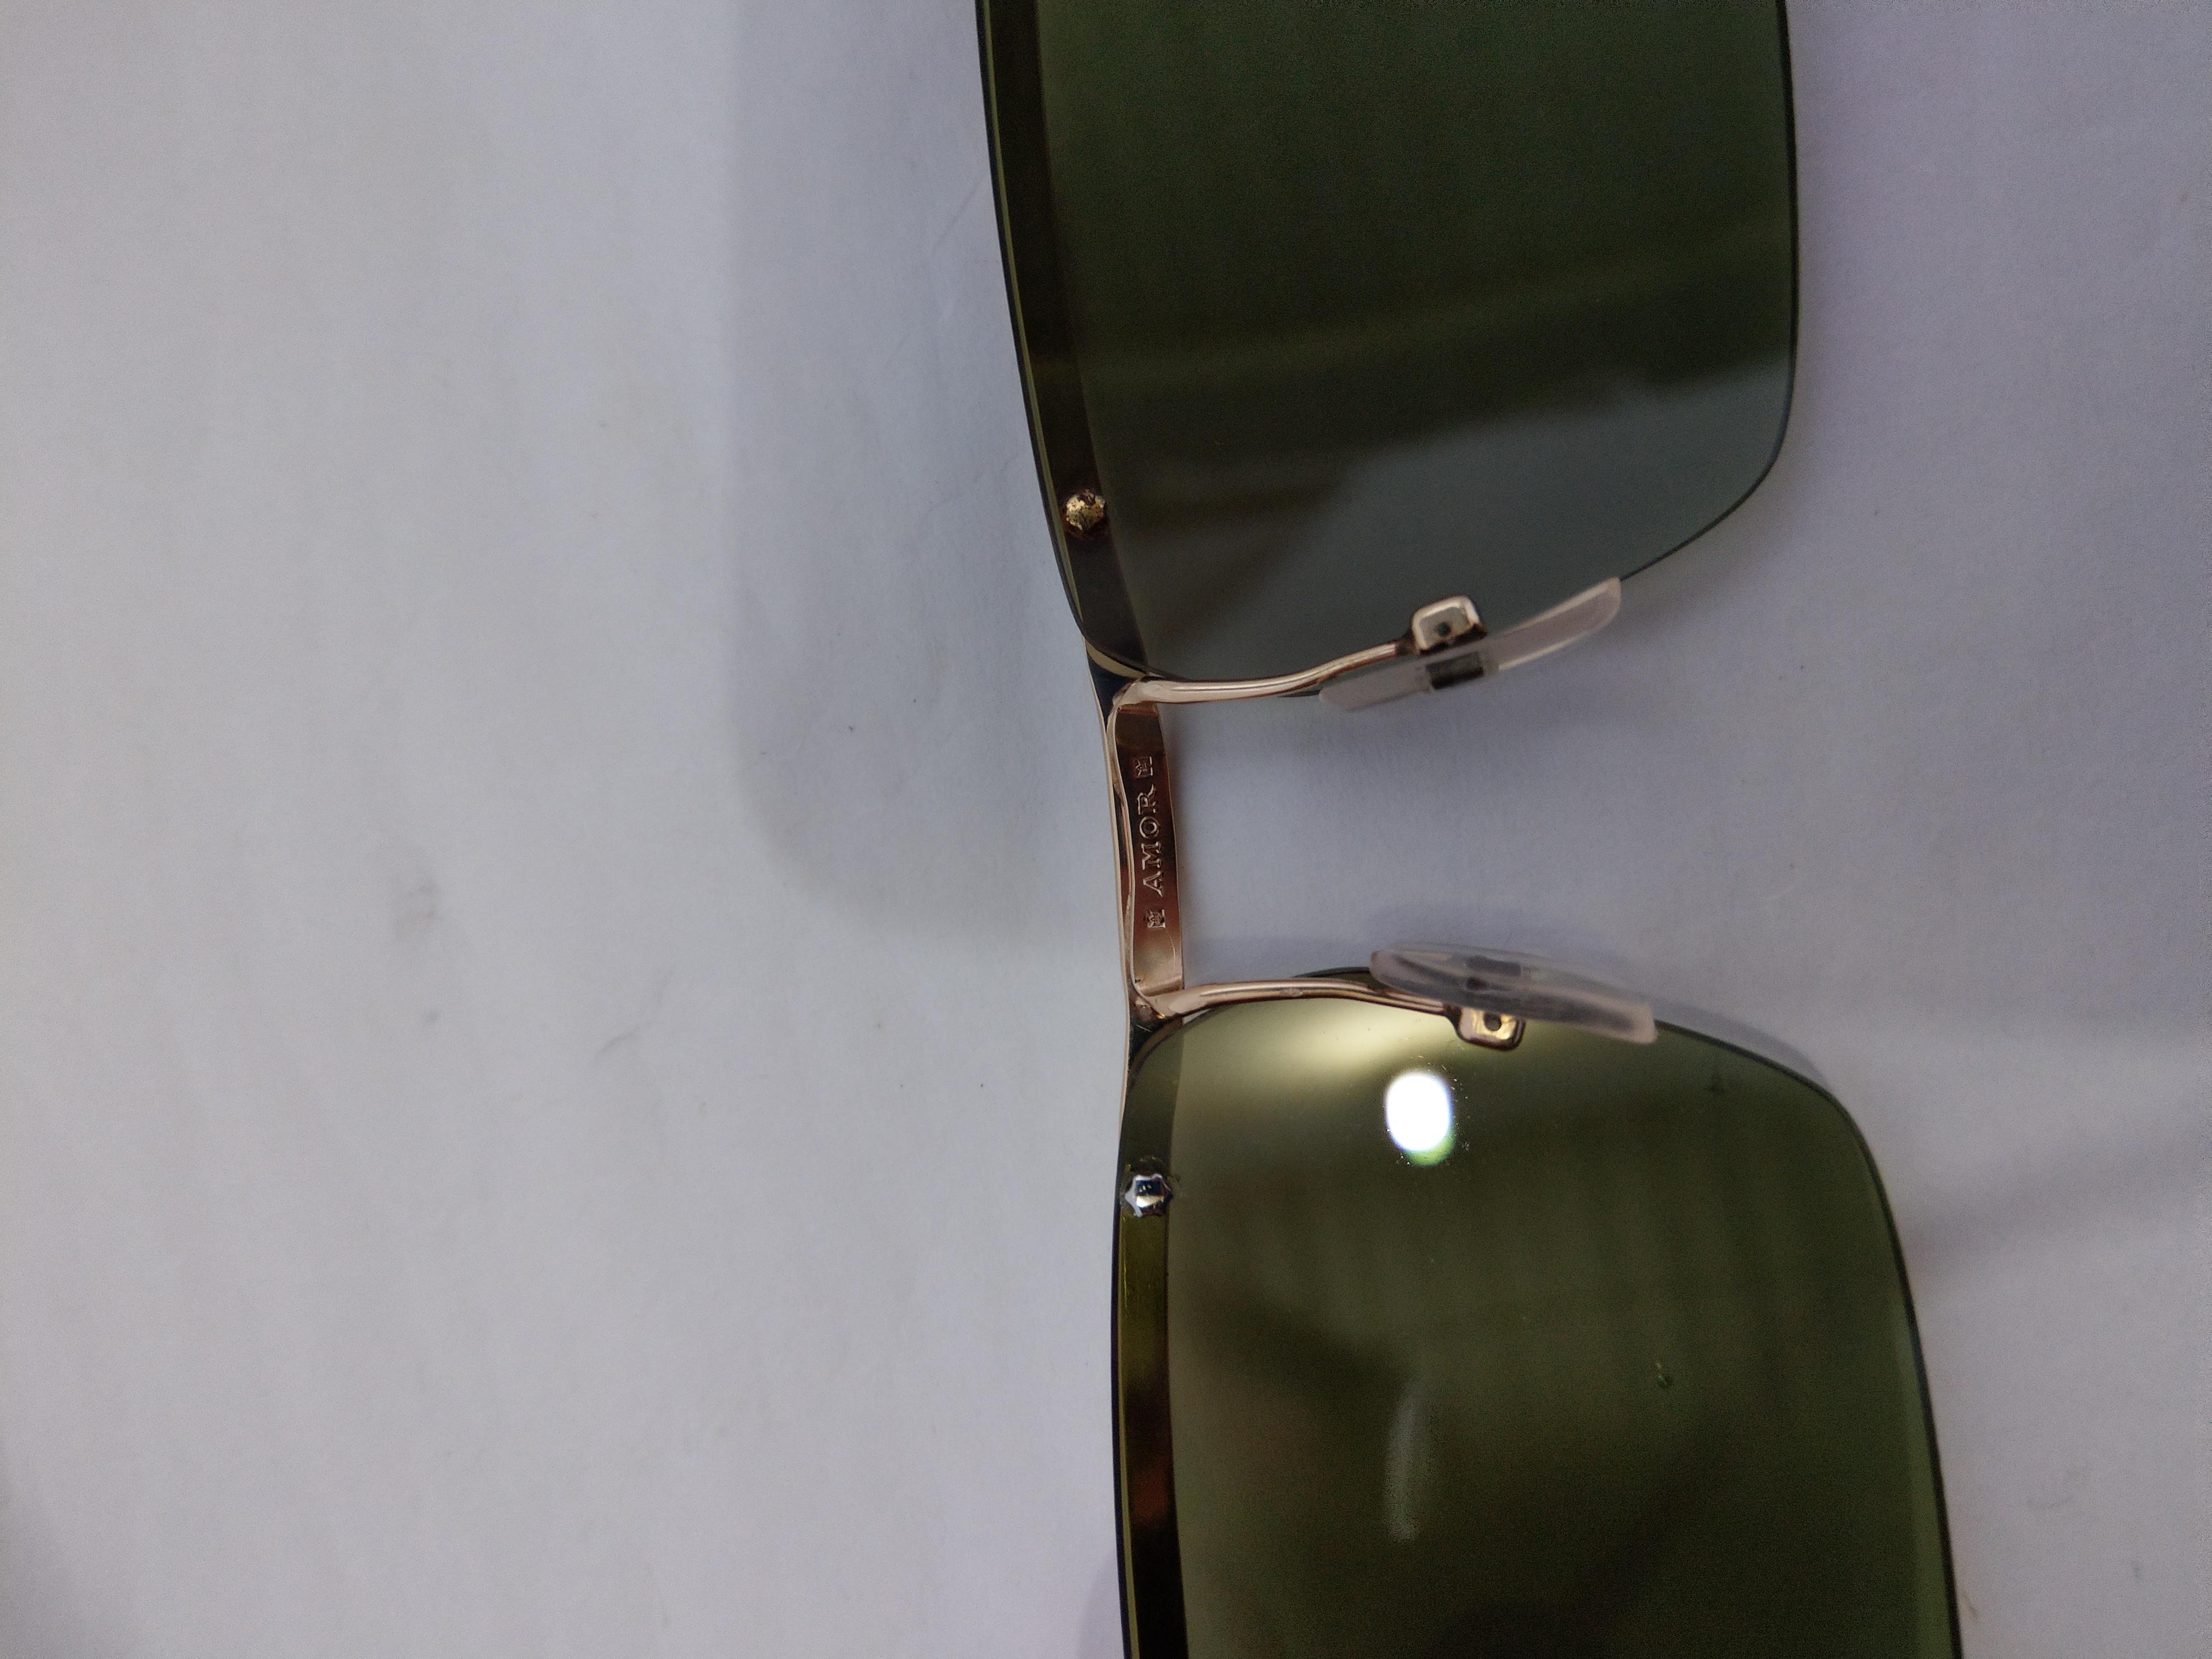 9 Giao lưu kính Amor 3 răng bản lề kép bọc 2 triện vàng đẹp lung linh của Pháp.